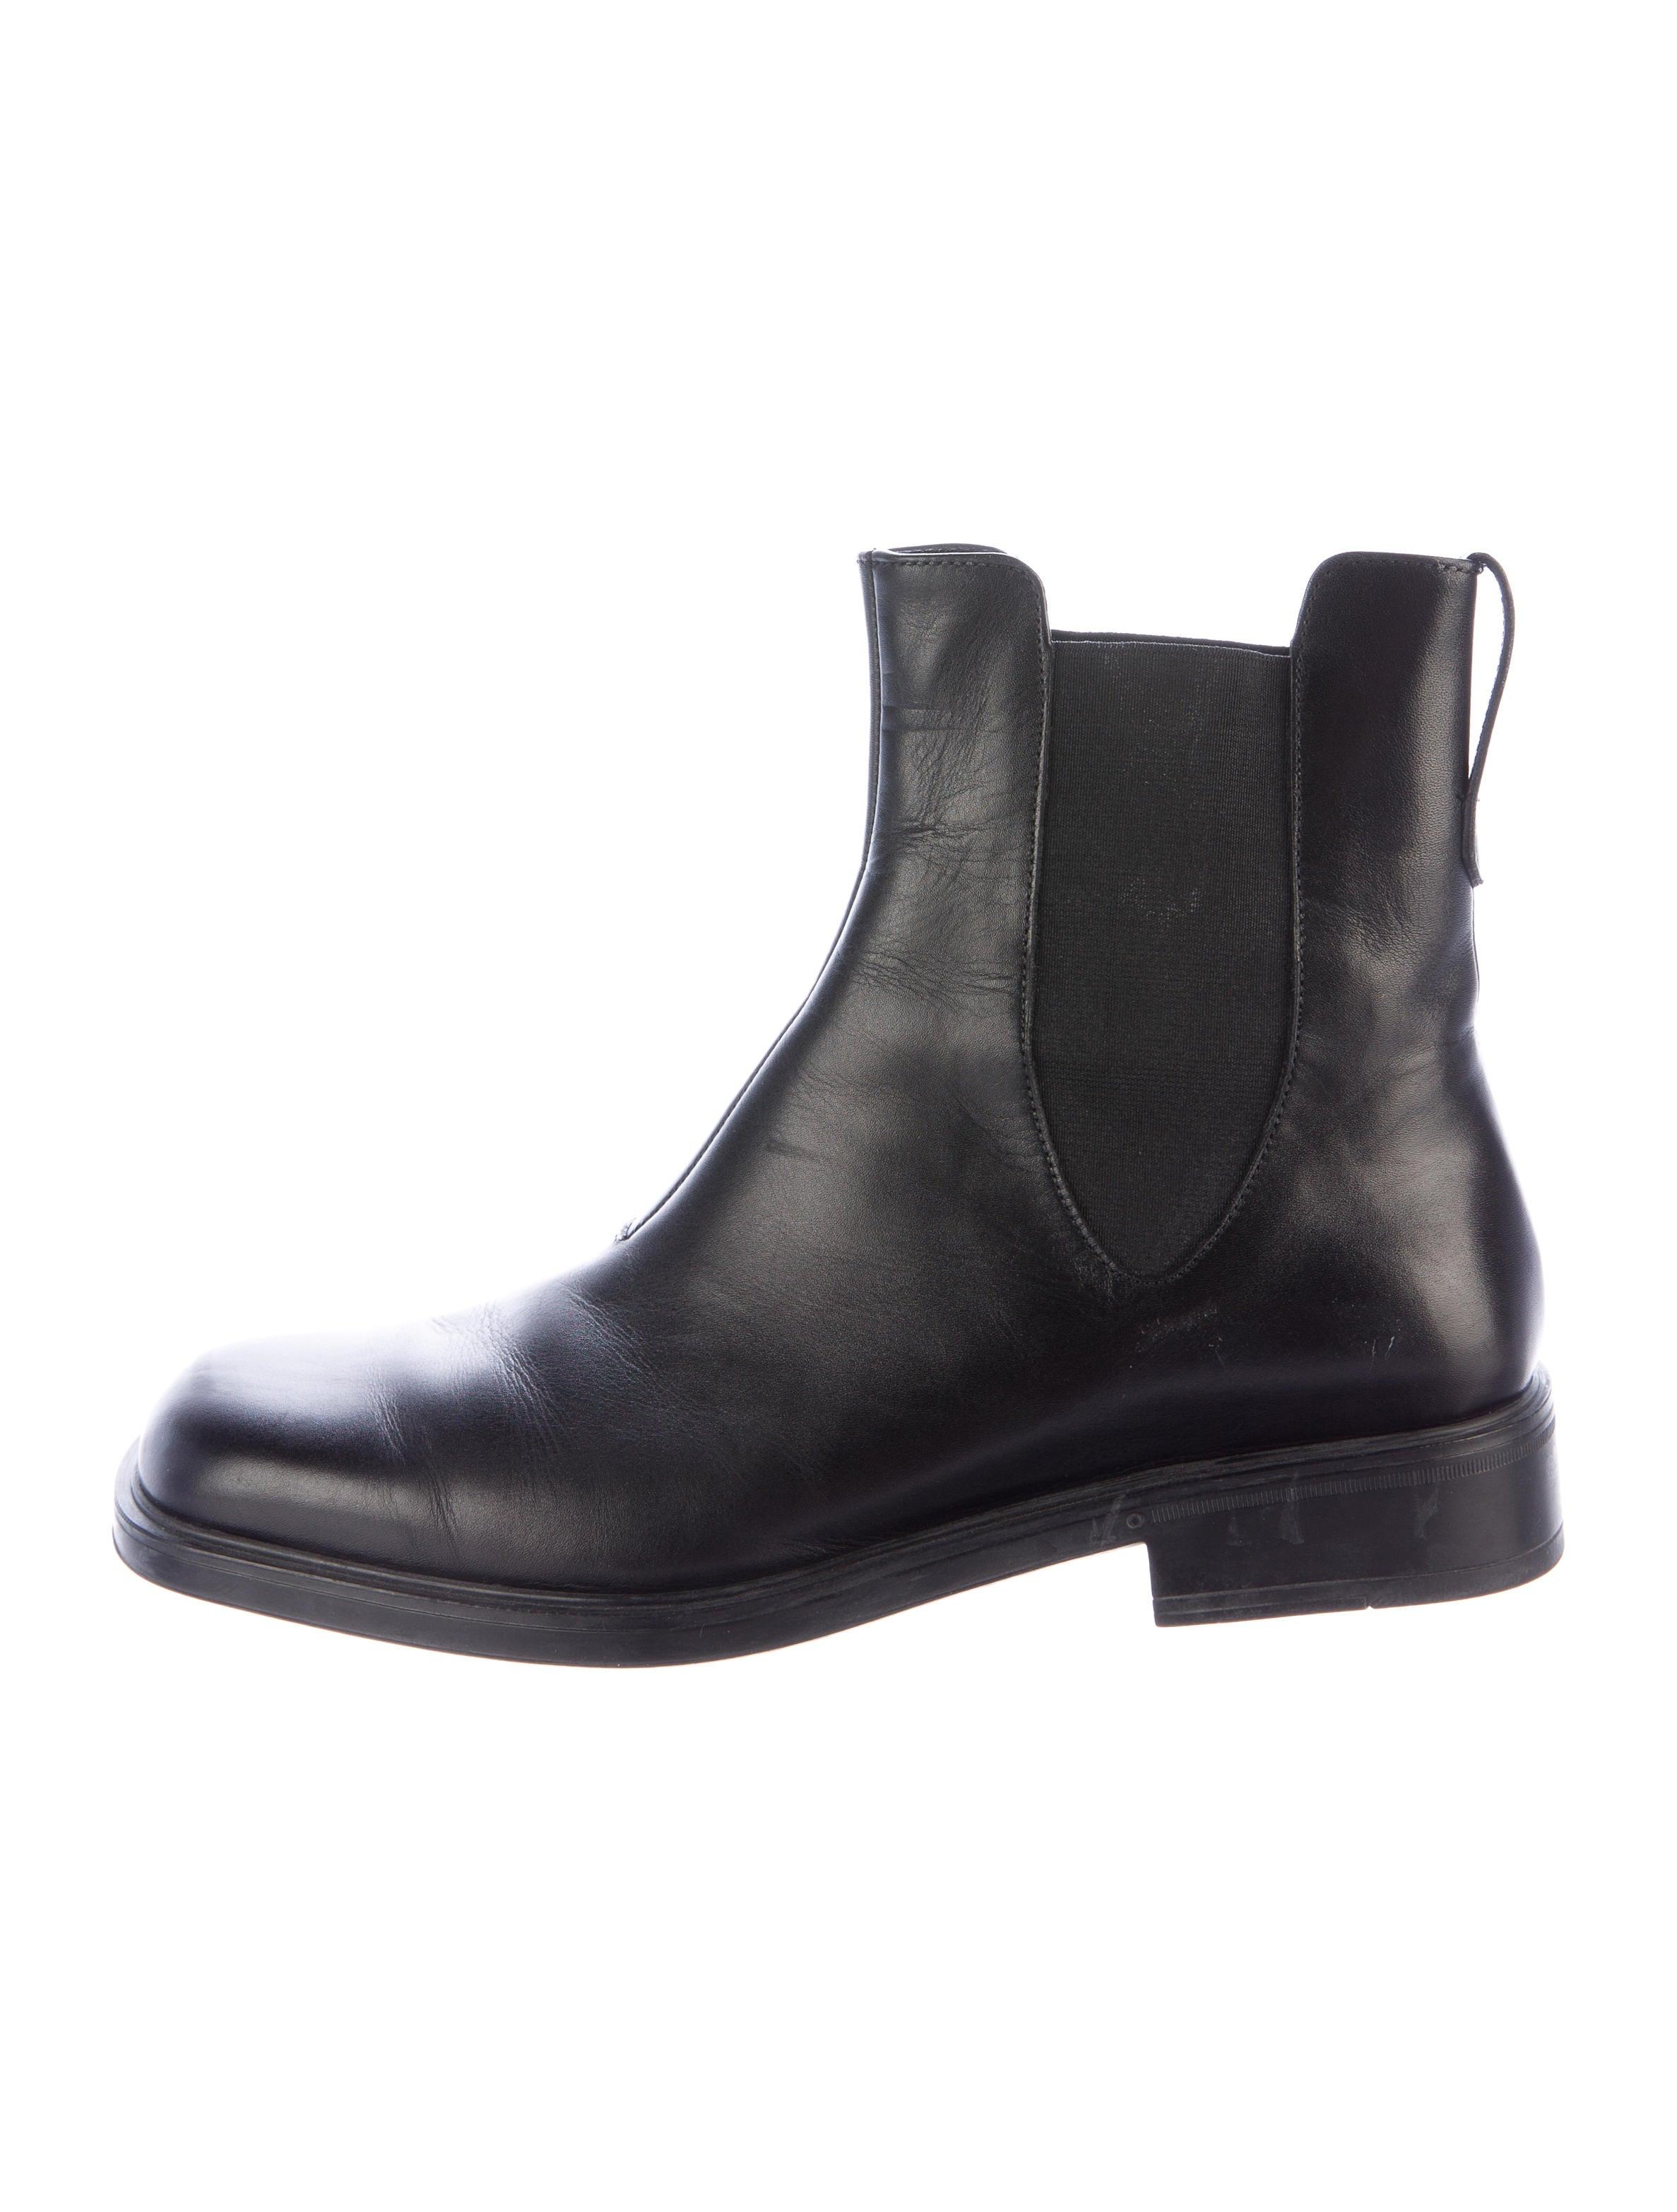 salvatore ferragamo leather chelsea boots shoes